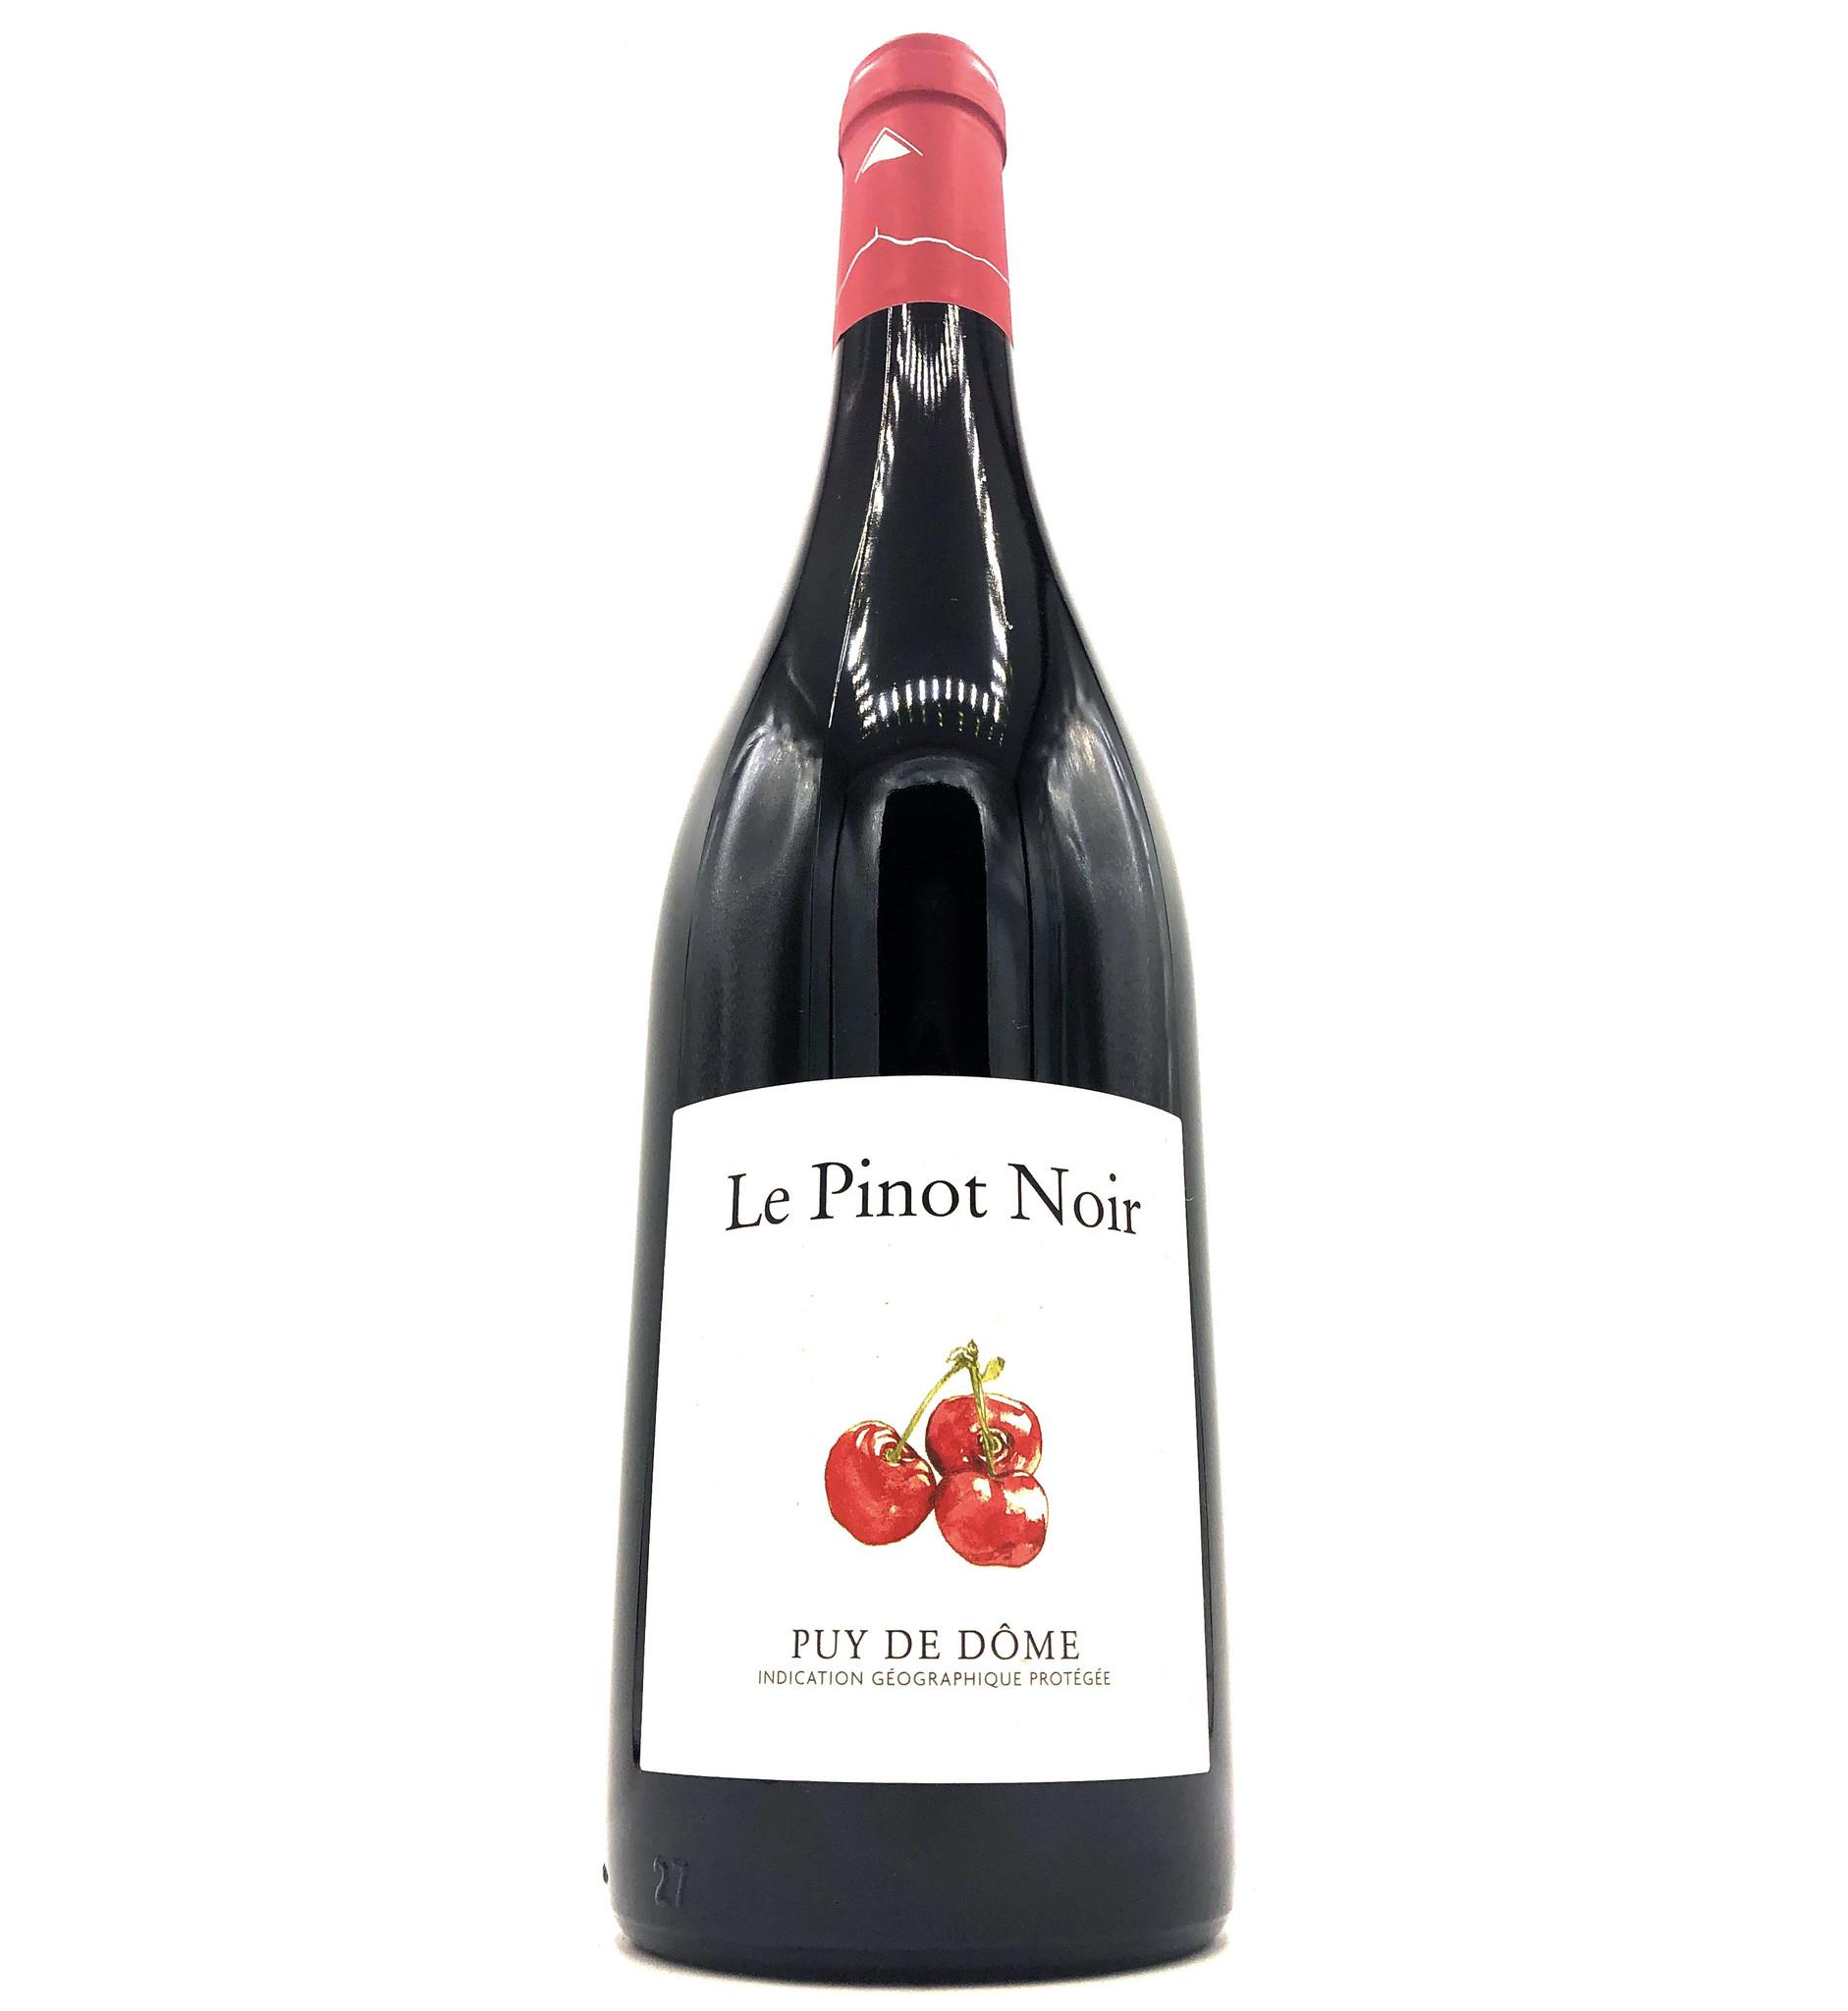 Le Pinot Noir 2018 Saint Verny Vignobles